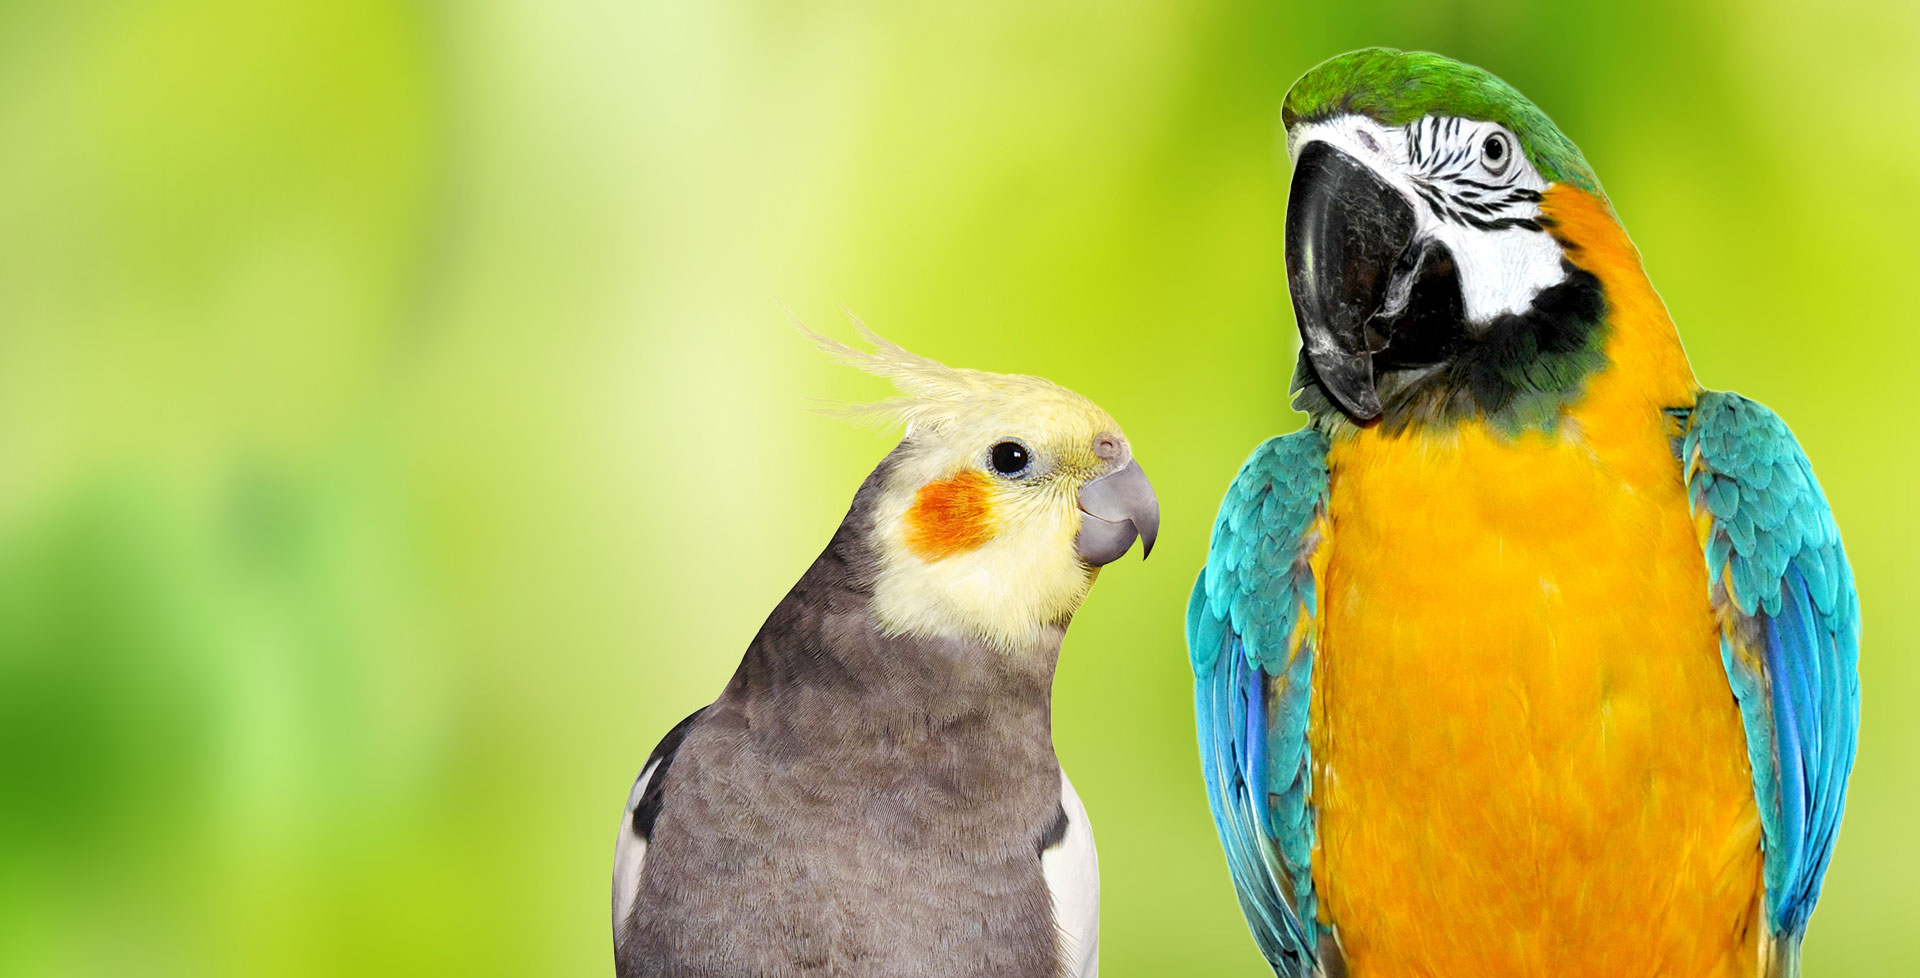 Vitamine - Lebenswichtige Wirkstoffe auch für Papageien und Sittiche